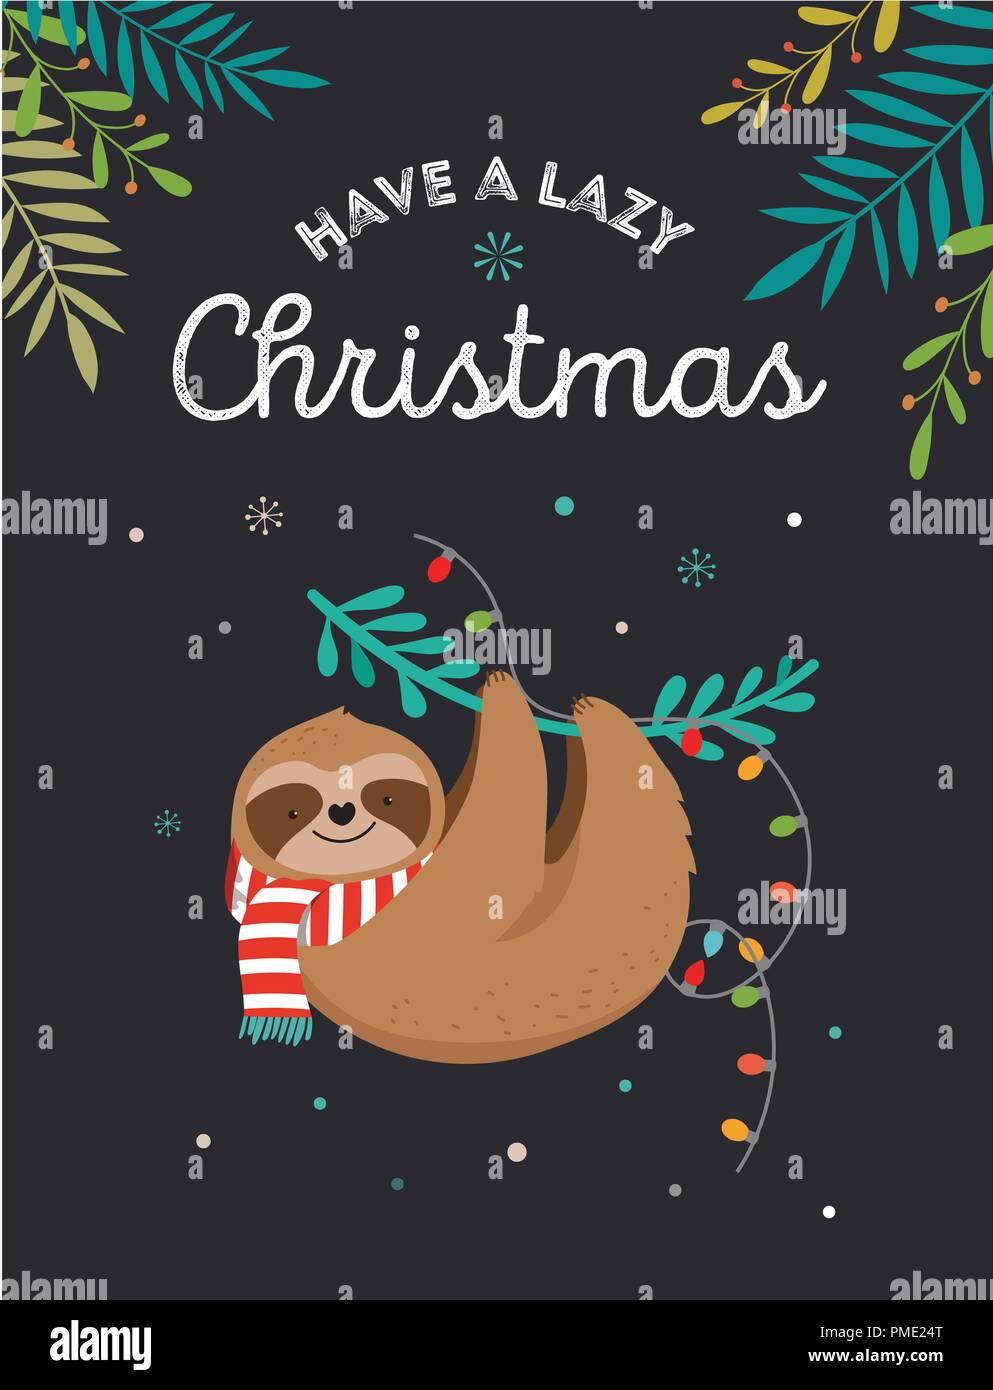 Babbo Natale Immagini Divertenti.Carino Bradipi Divertenti Illustrazioni Di Natale Con Babbo Natale